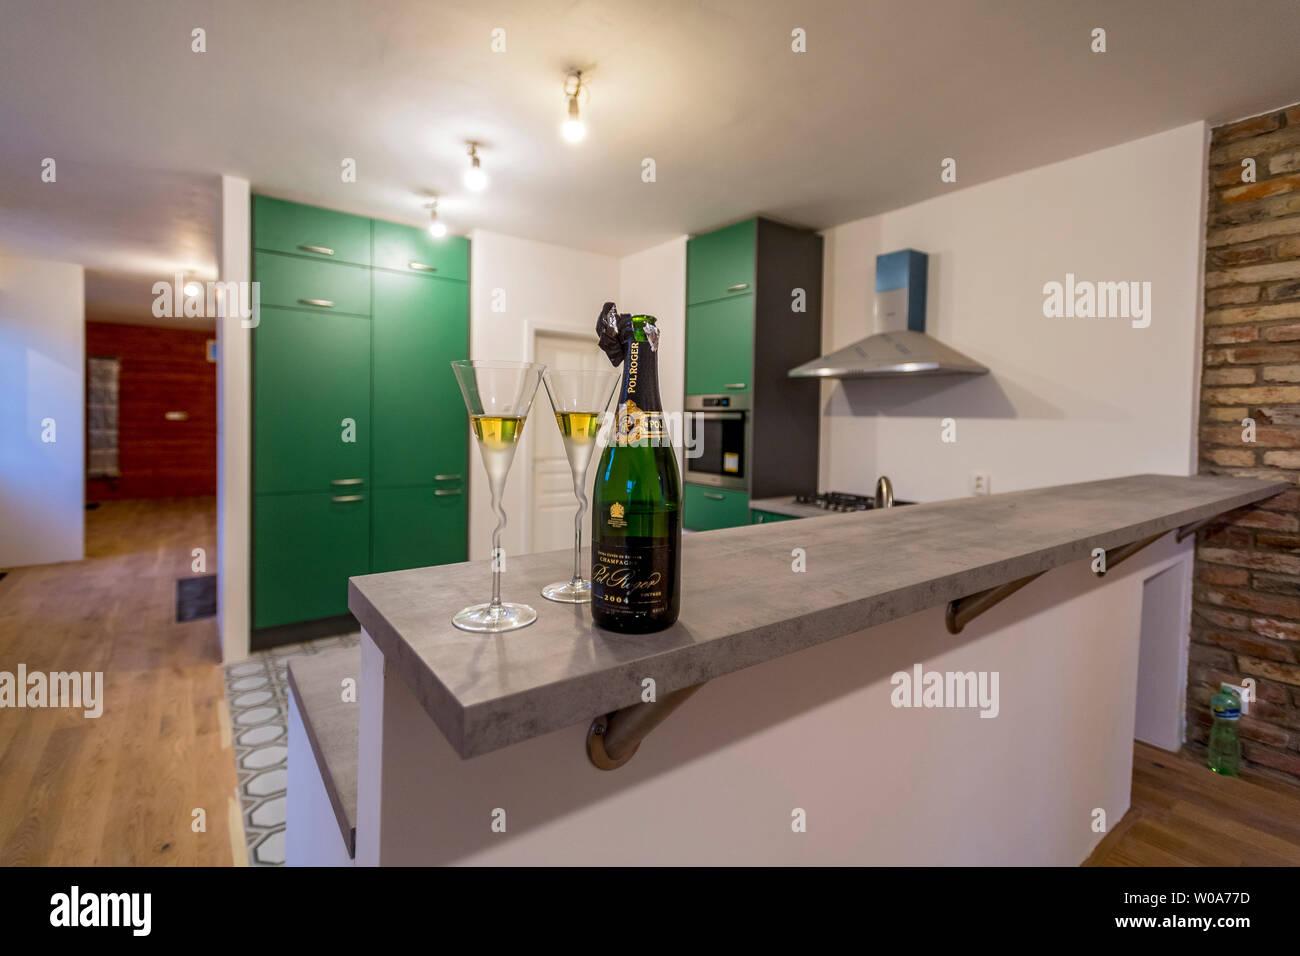 Nuevos muebles de cocina verde con botella de champaña y dos copas ...